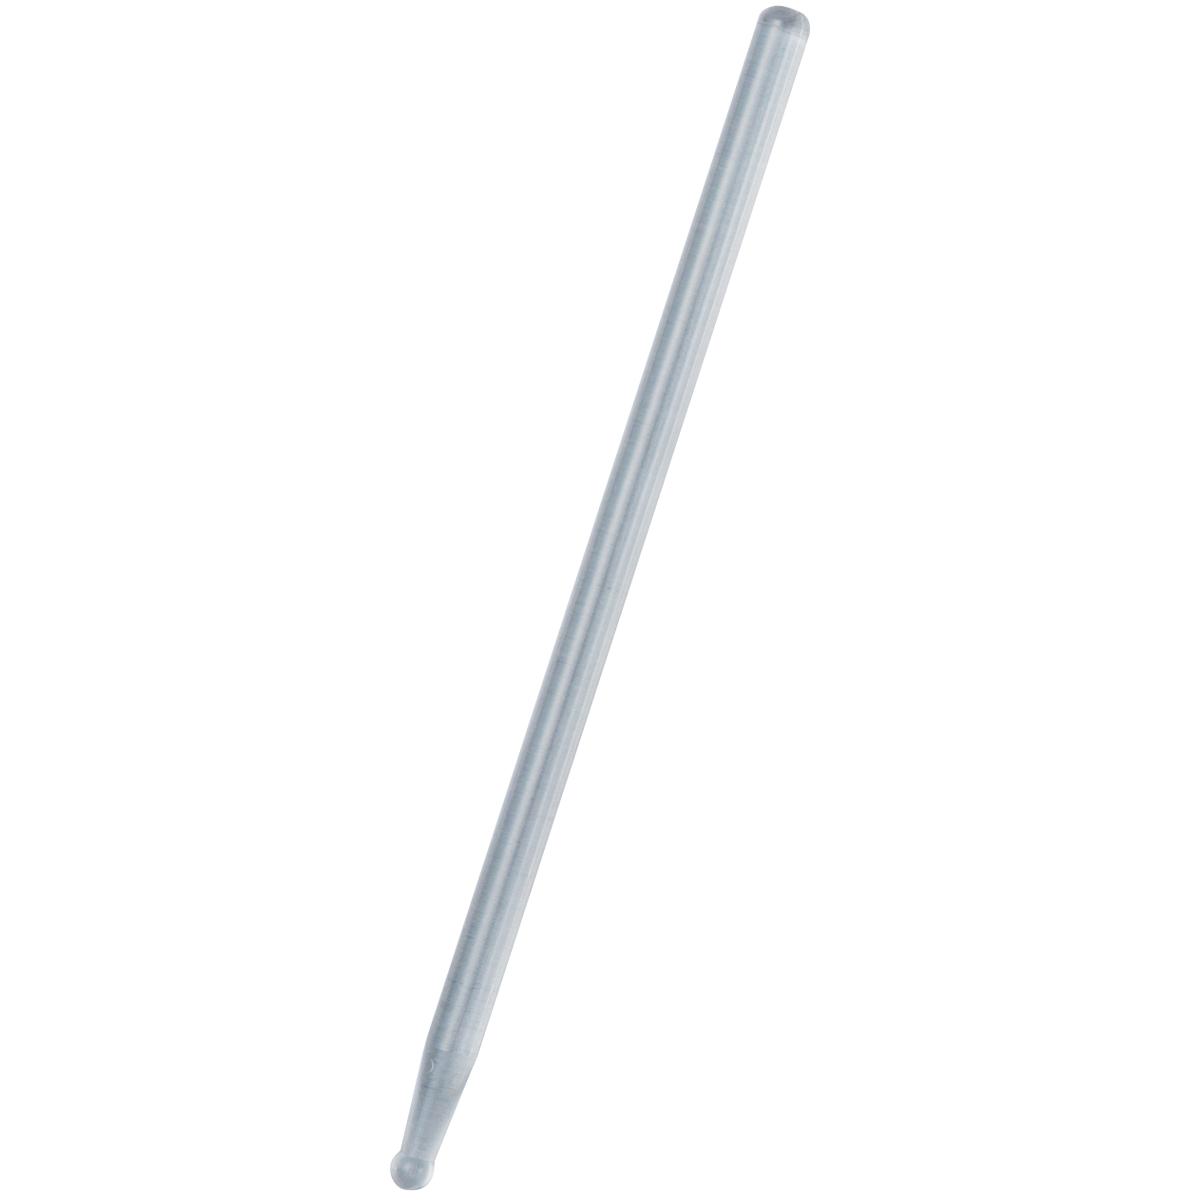 ガラス製溝引棒です メール便可 溝引棒 片玉 ガラス製 中空 デザイン 18%OFF 製図 定規 激安 溝 長さ170mm